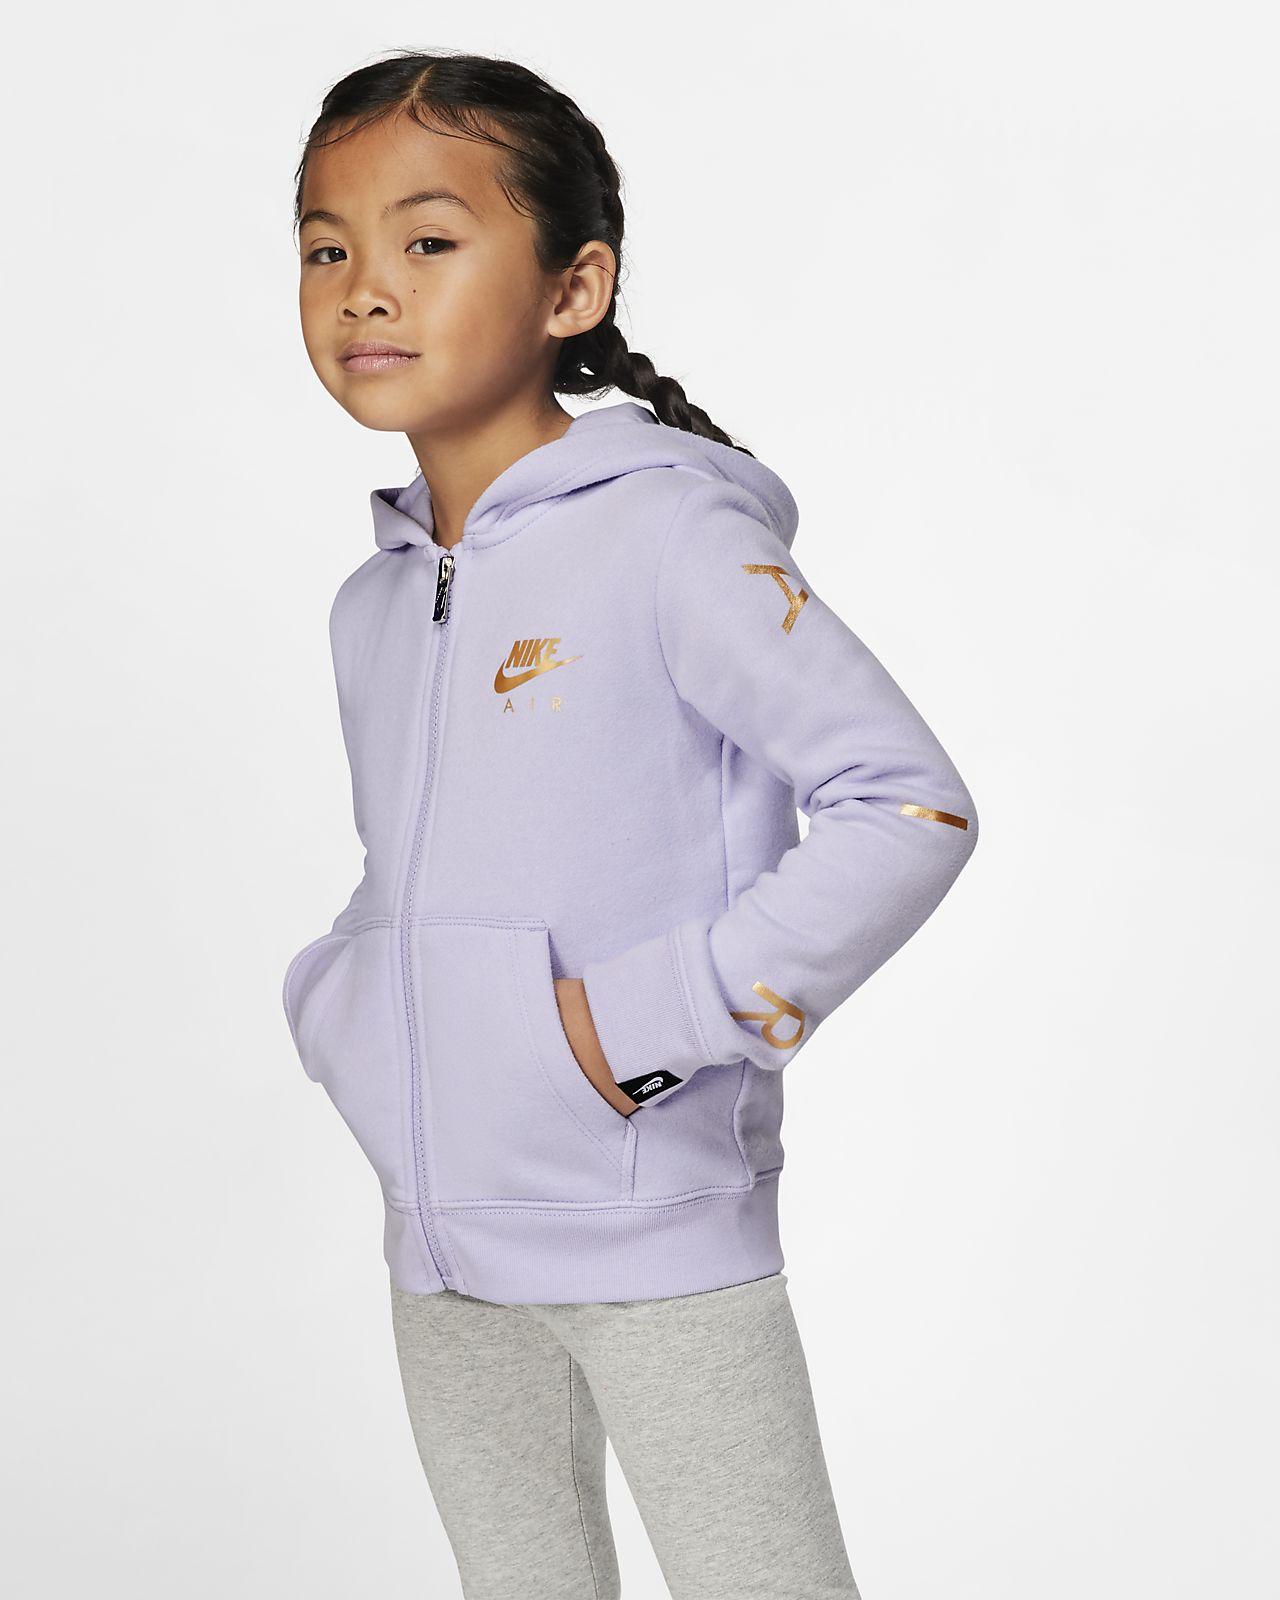 Nike Sportswear hosszú cipzáras, kapucnis polárpulóver gyerekeknek